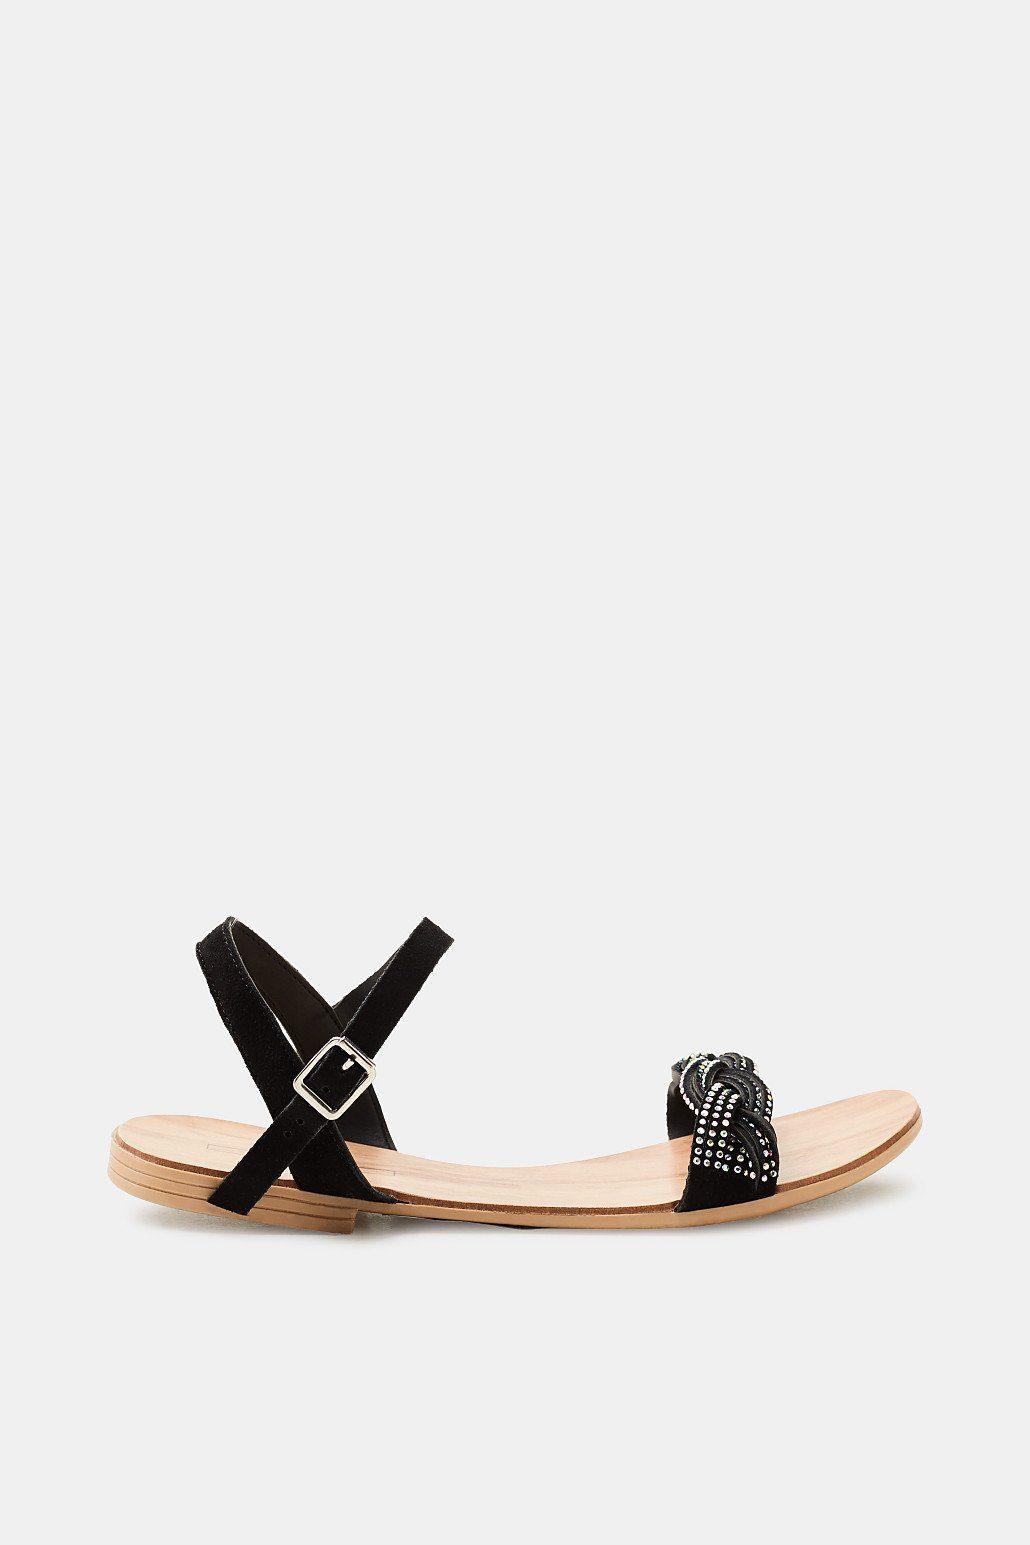 Esprit Flache Sandale mit Leder-Riemchen und Glitter für Damen, Größe 37, Black